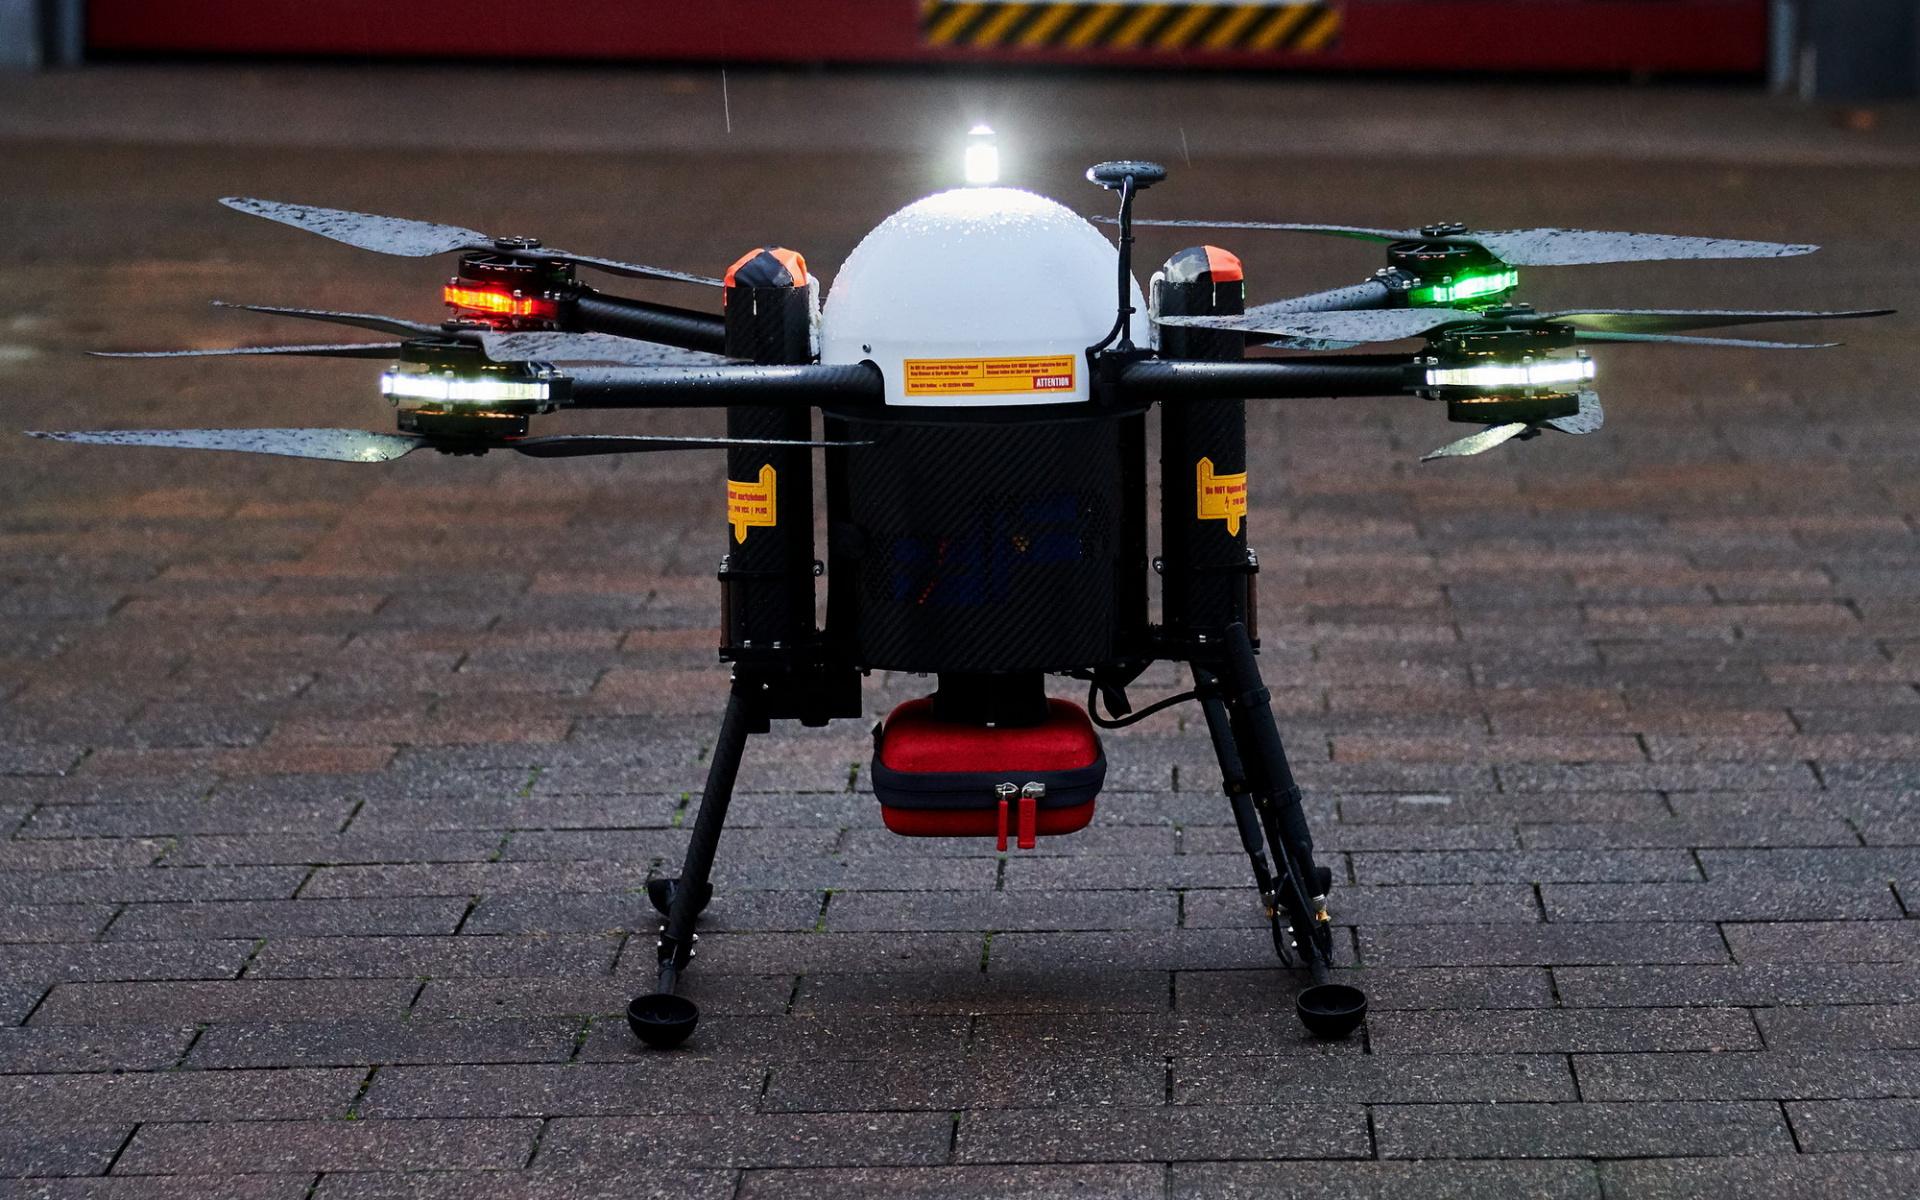 Wie können Drohnen die Notfallversorgung optimieren? Dies wird gerade in einem Pilotprojekt der Uniklinik Greifswald in Kooperation mit der DRF Luftrettung untersucht.